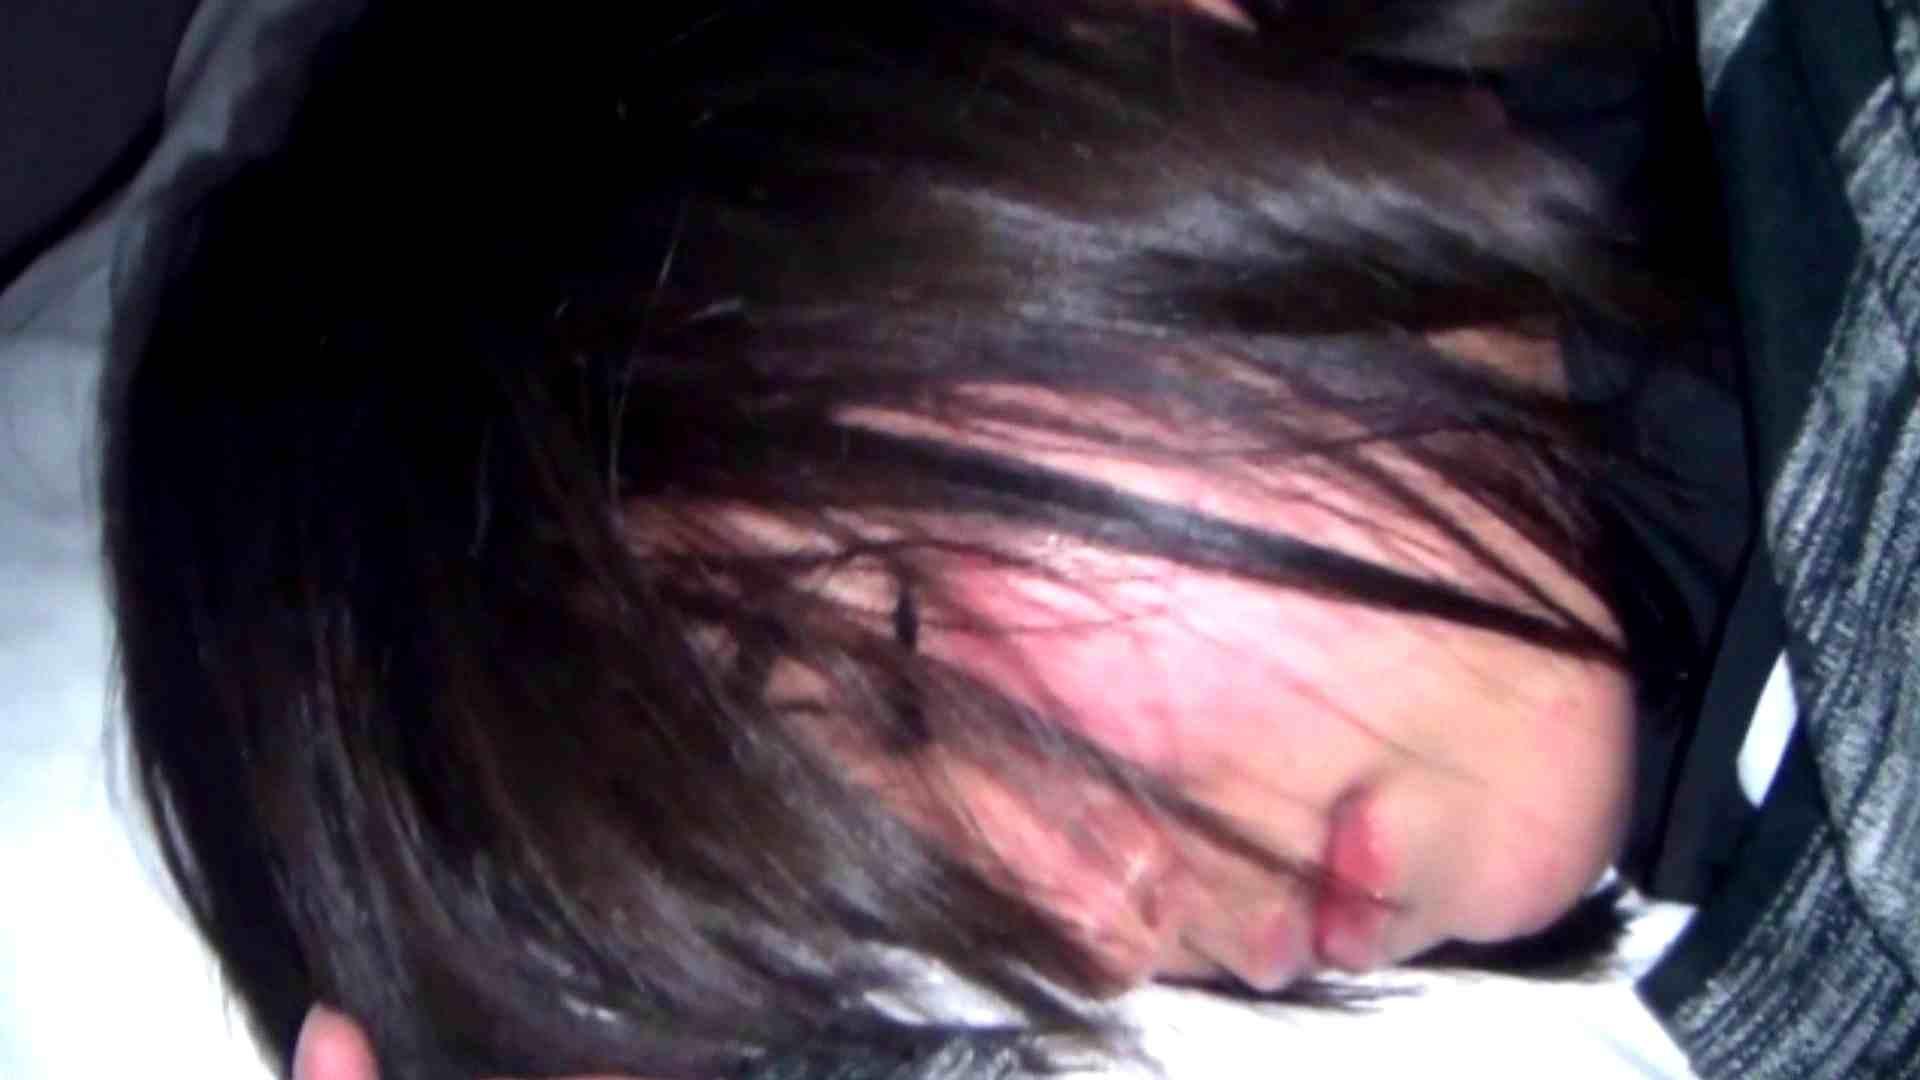 vol.34 【AIちゃん】 黒髪19歳 夏休みのプチ家出中 1回目 ホテル ワレメ動画紹介 55PIX 17